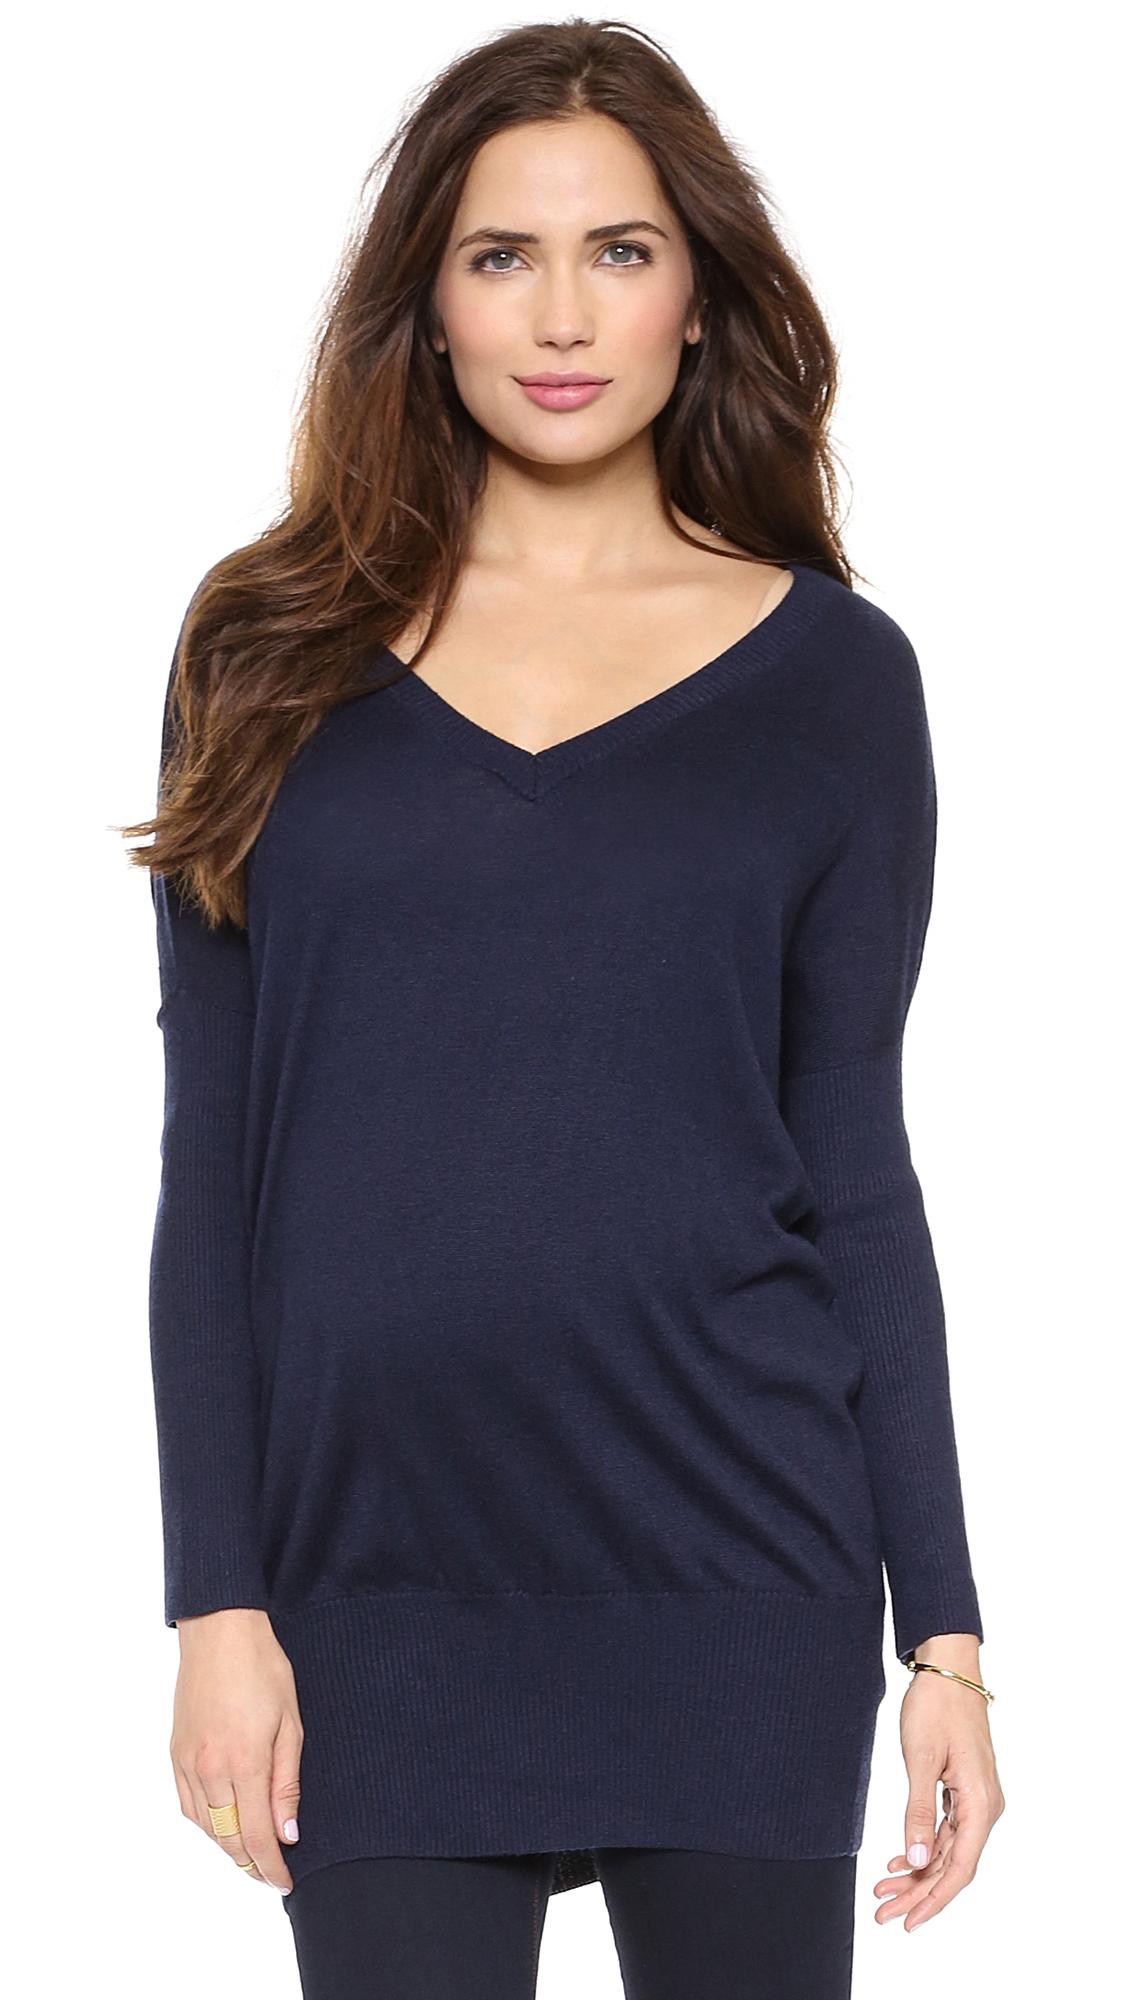 Rosie Pope V Neck Maternity Sweater - Navy